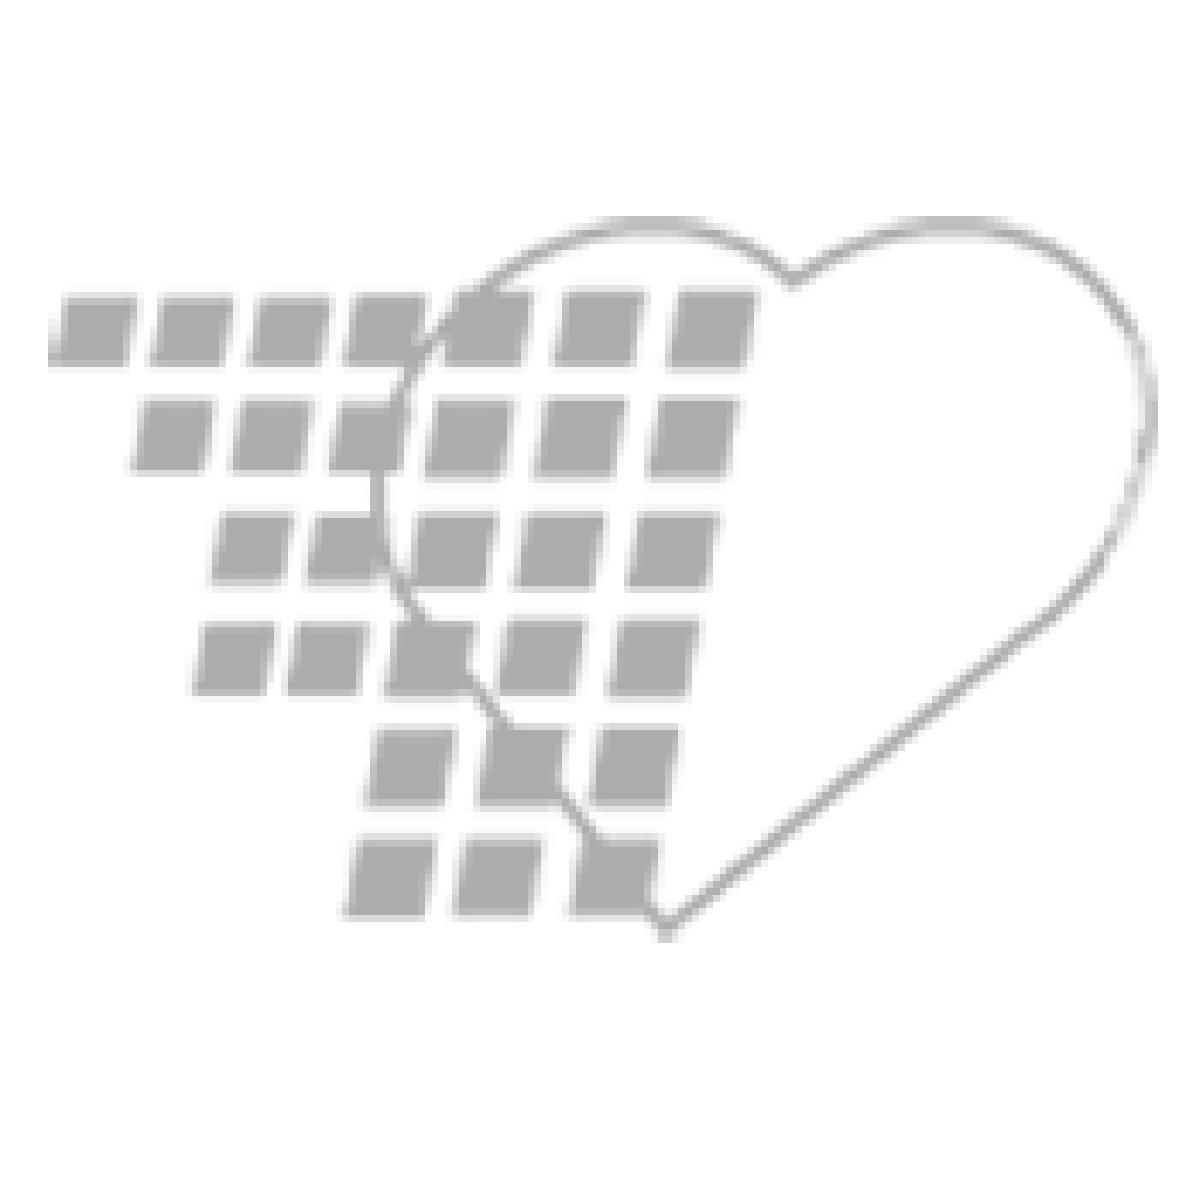 02-87-3668 - Simulating Urinalysis Kit